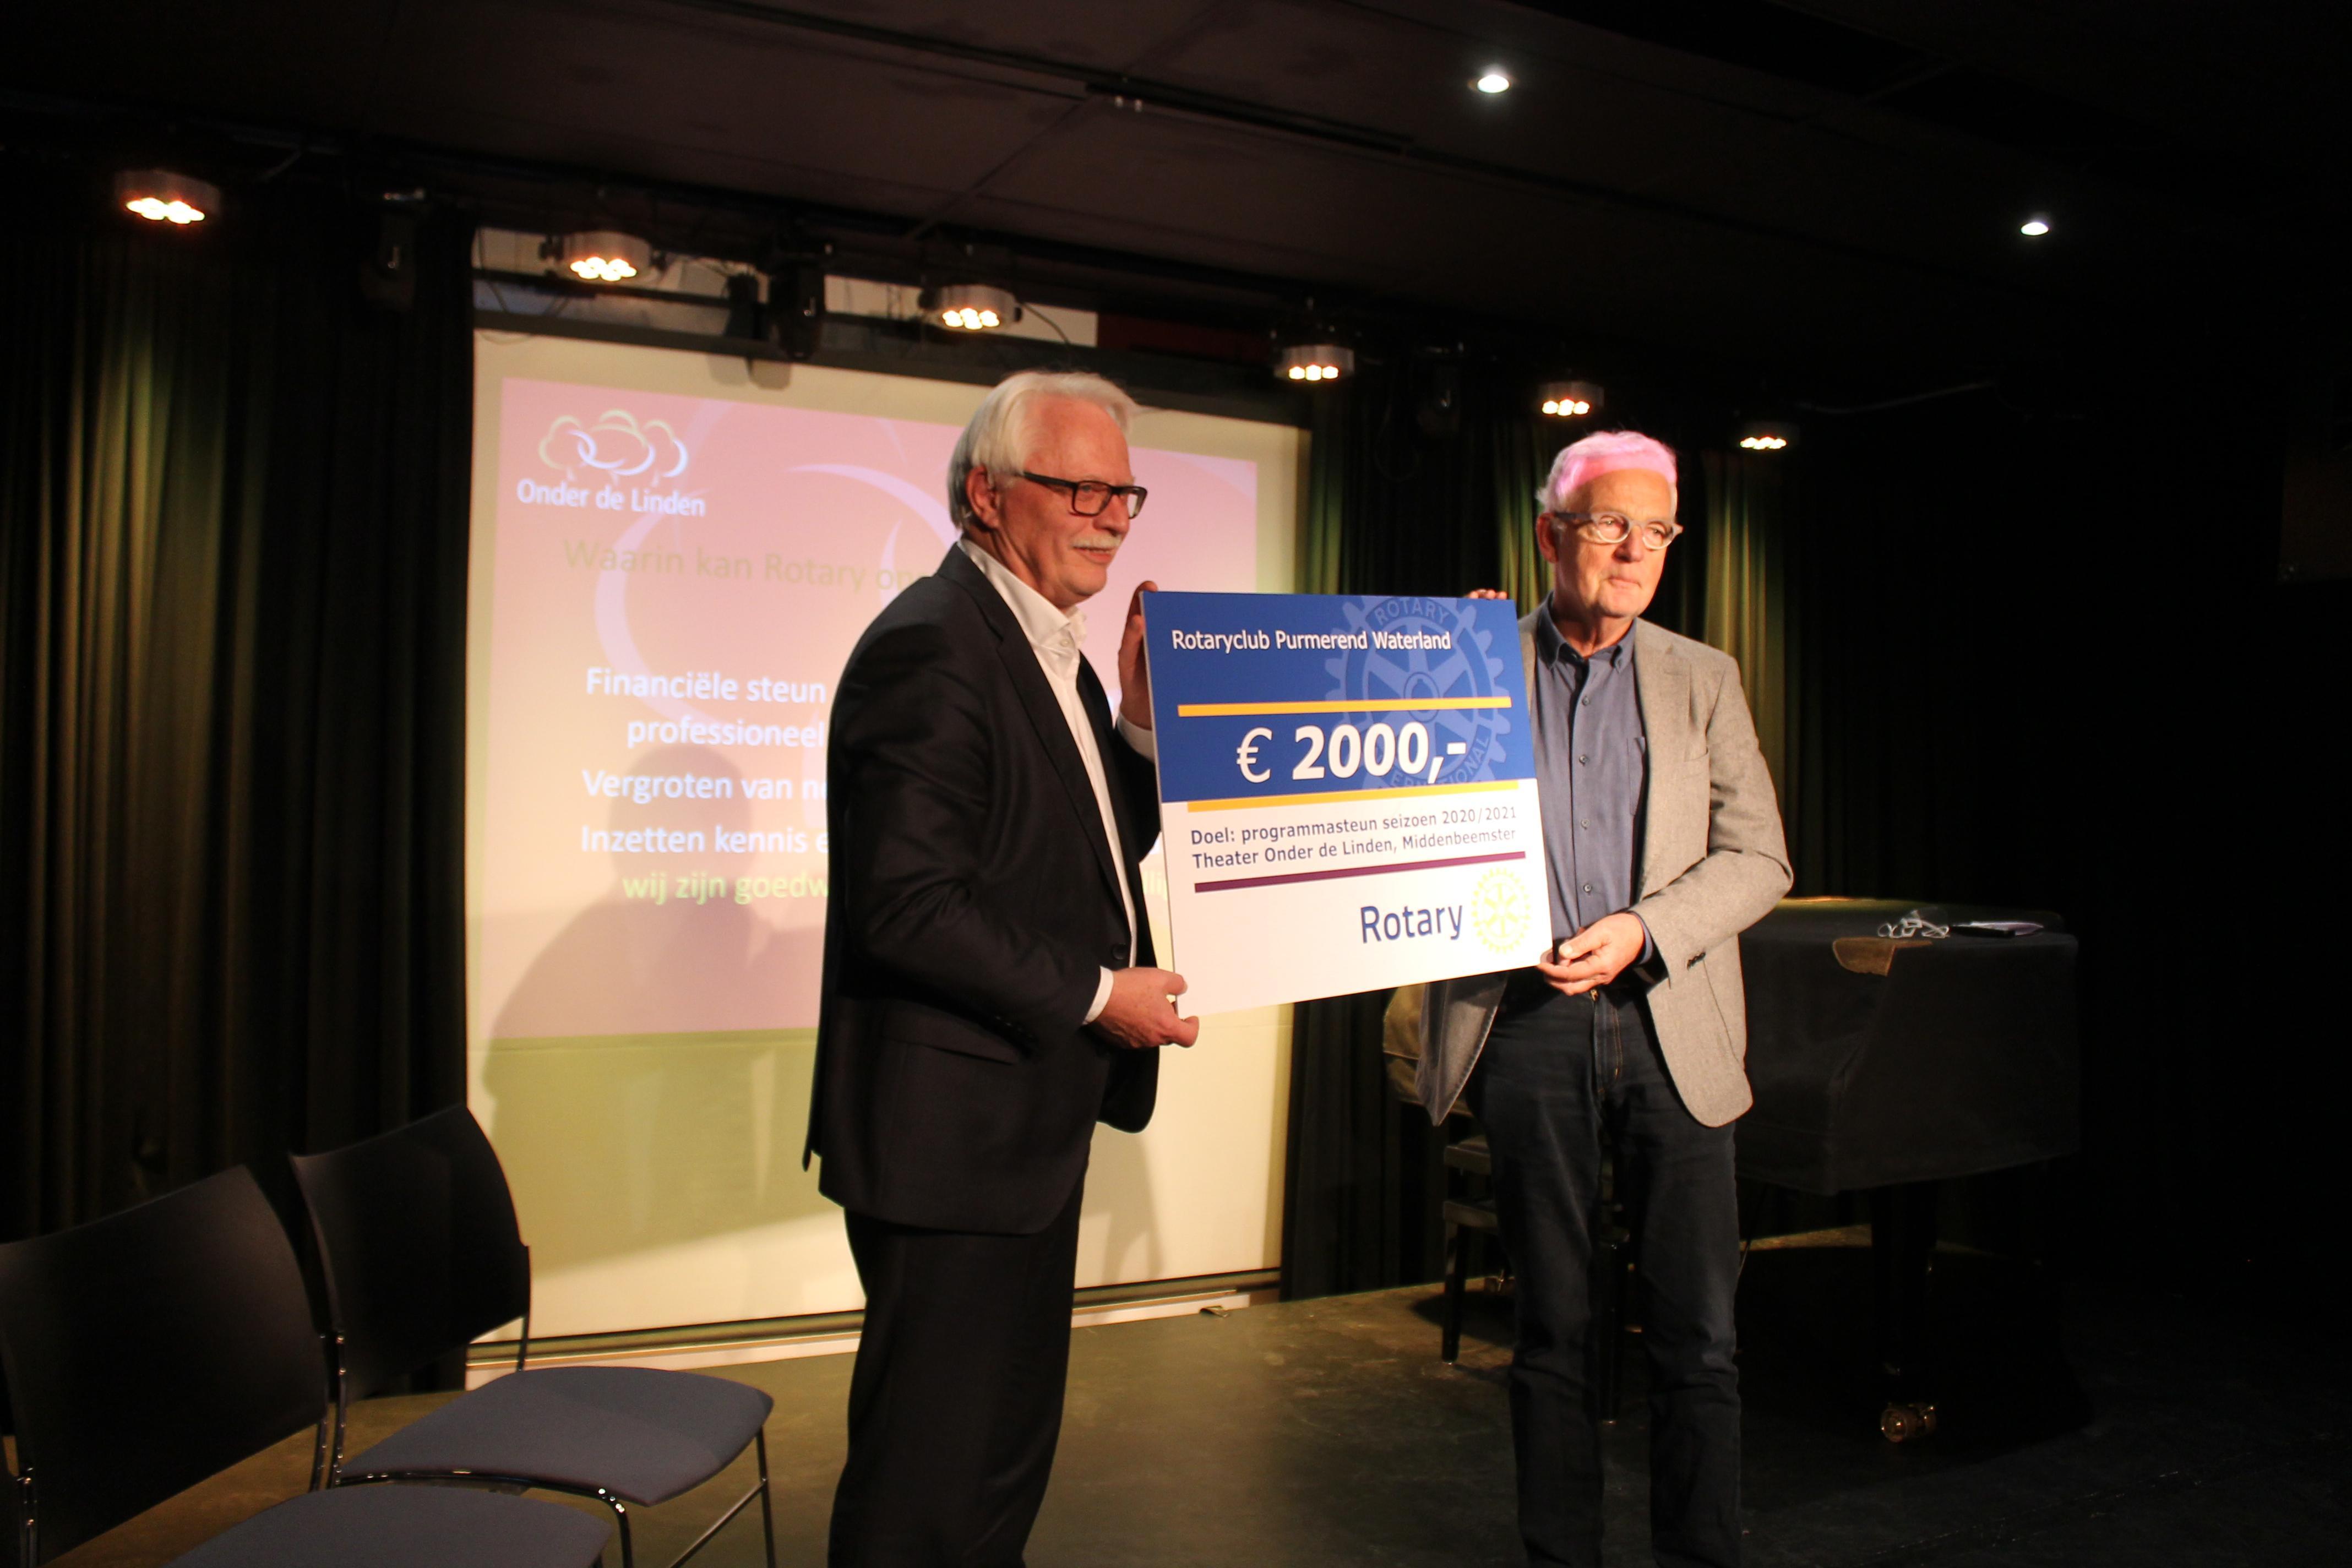 Cheque van 2000 euro van Rotaryclub Purmerend-Waterland voor Beemster theater Onder de Linden: 'Kunnen weer vooruit'